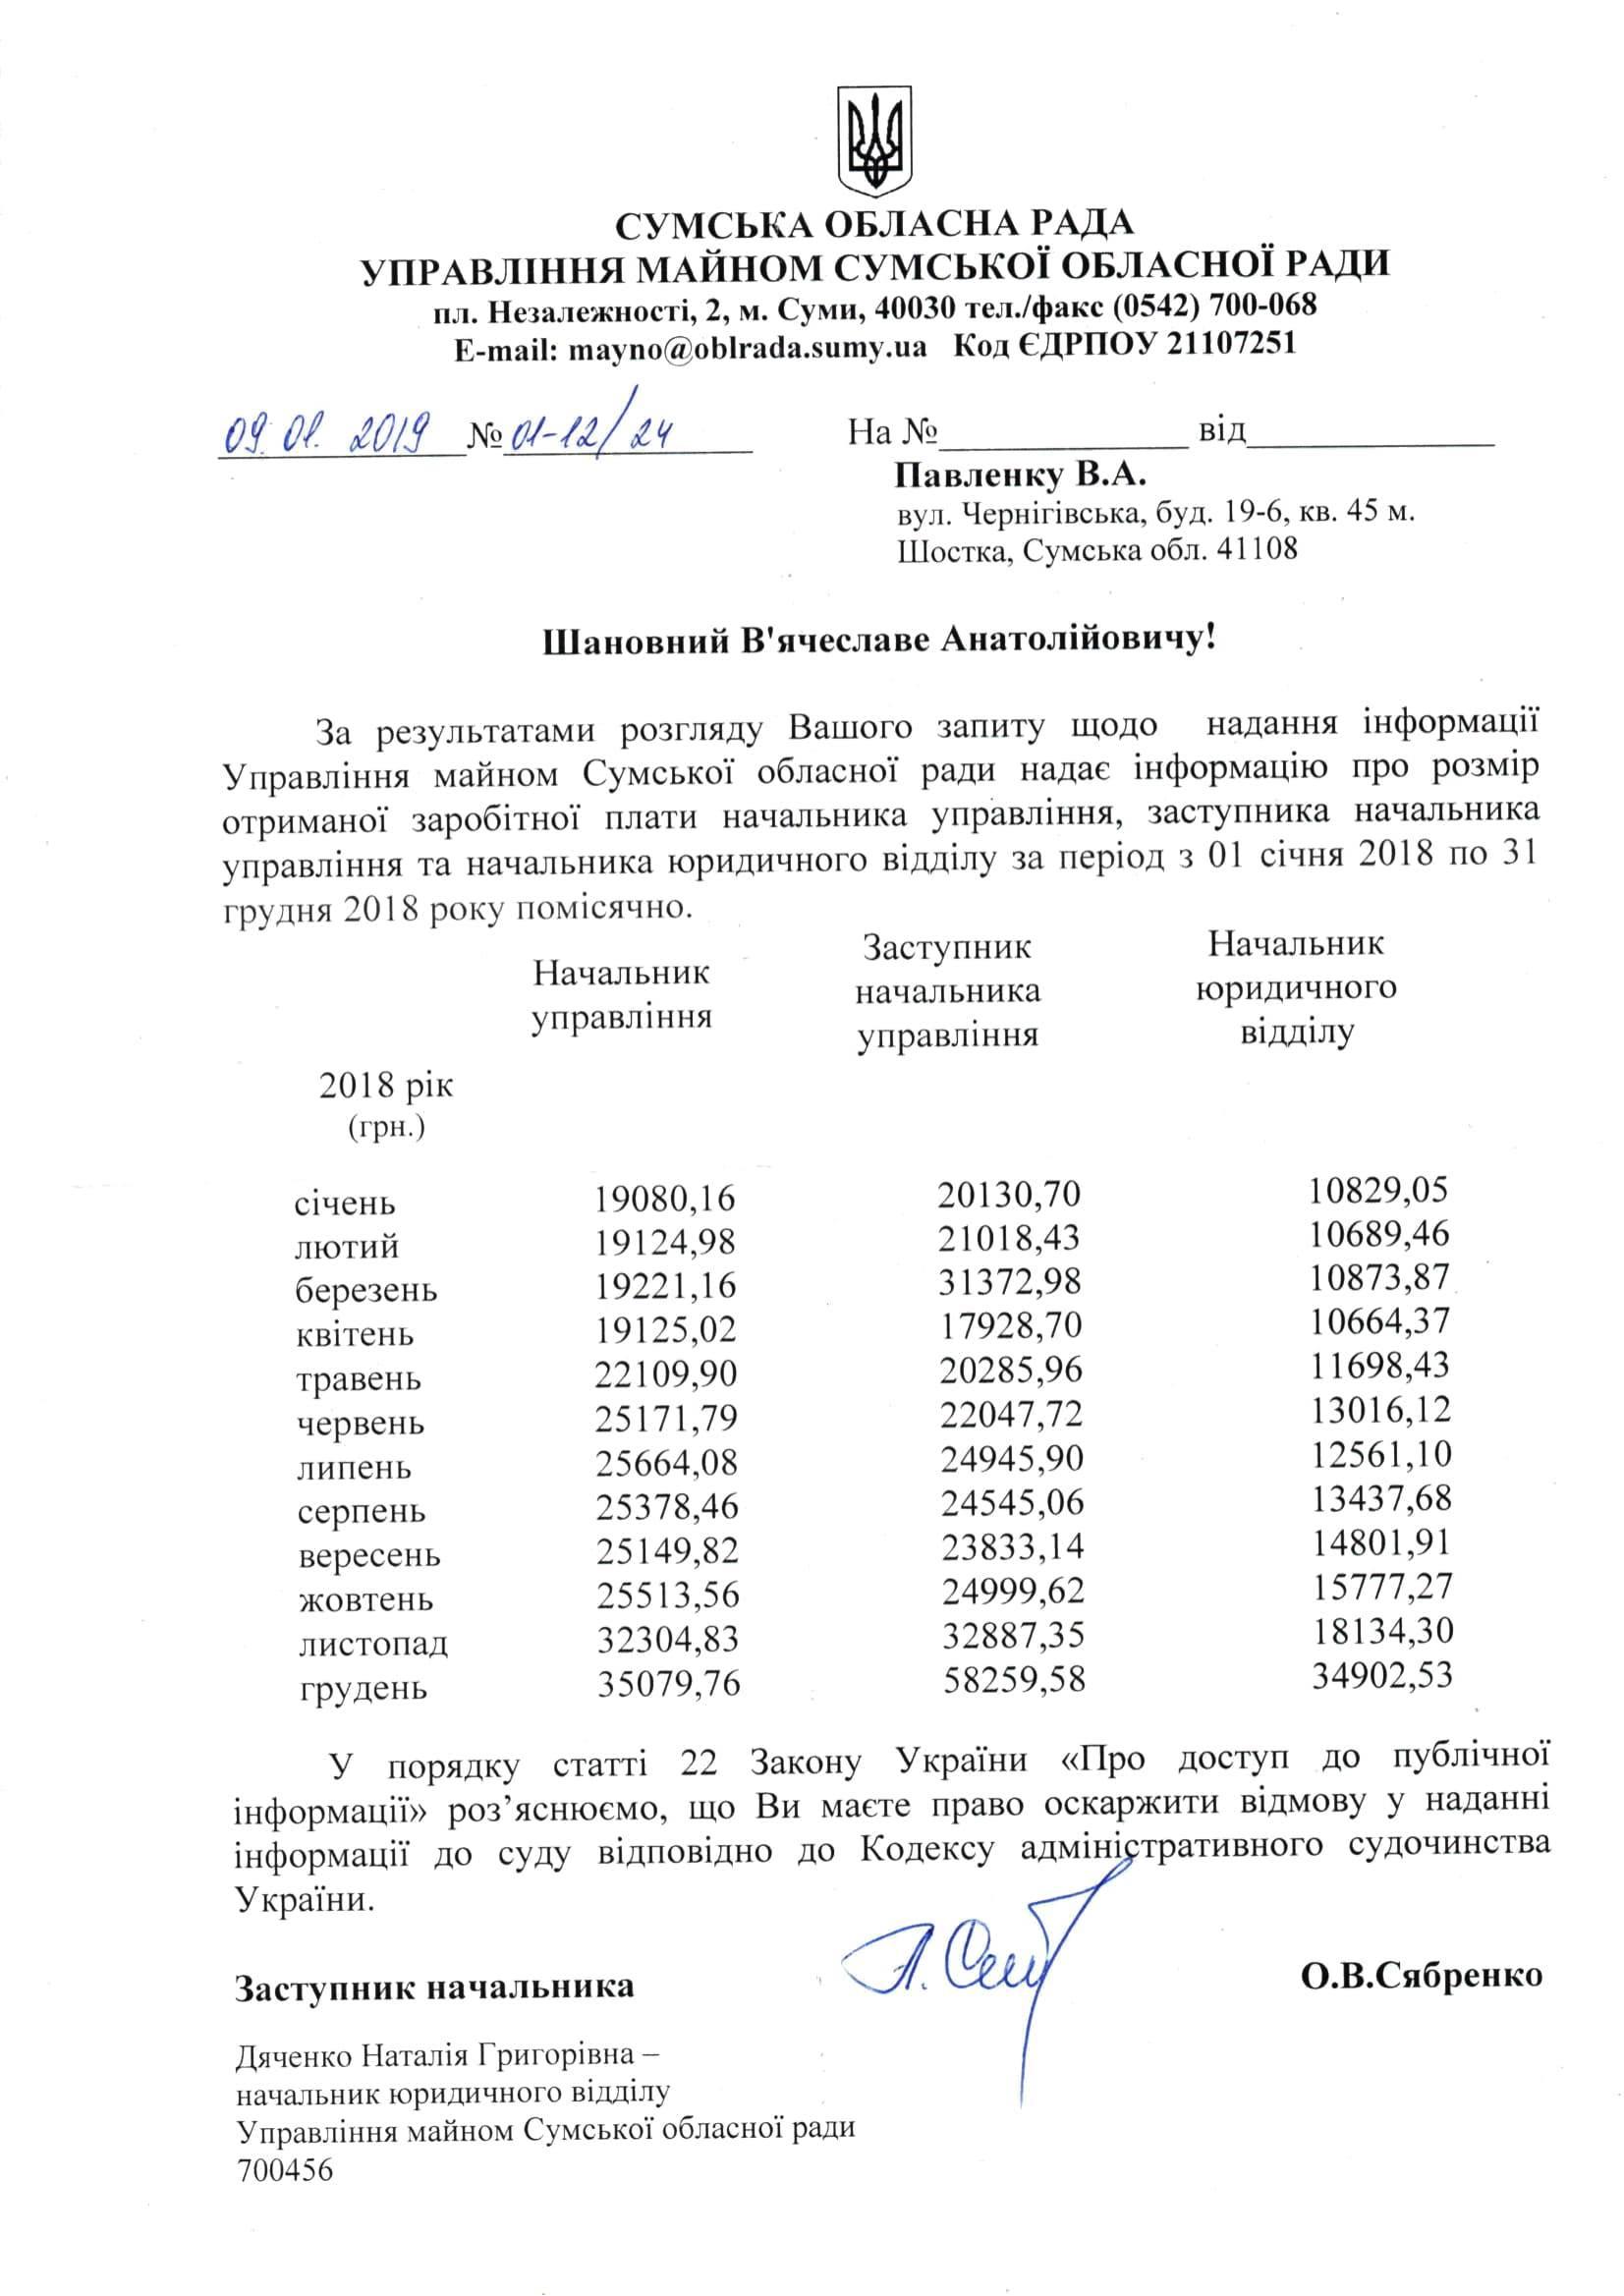 Відповідь по зарплаті Управління майном Сумської обласної ради